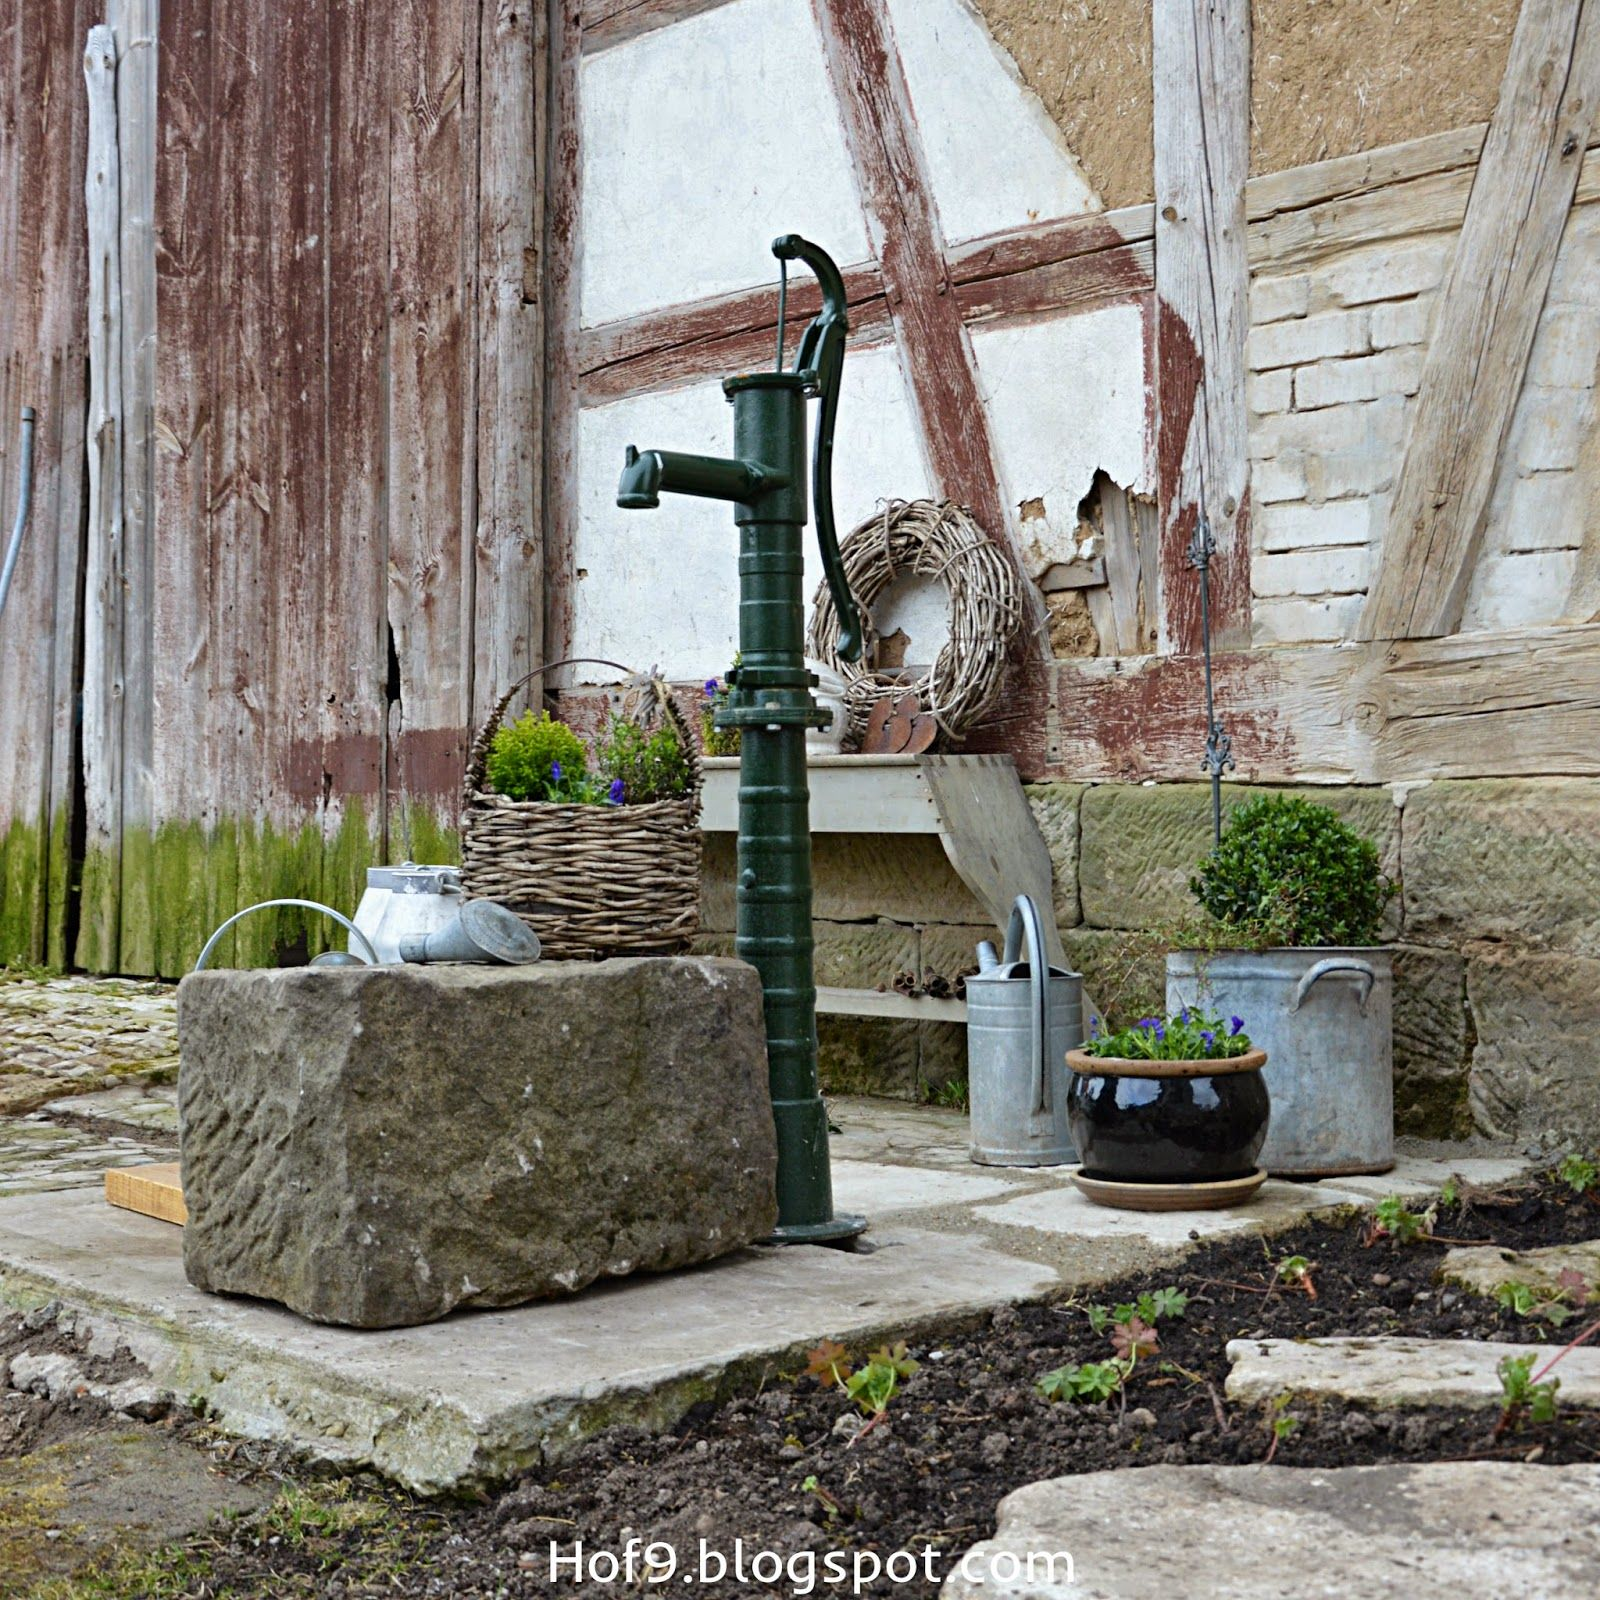 Schwengelpumpe Gartendeko Mit Zink Zinkkannen Zinkgiesskanne